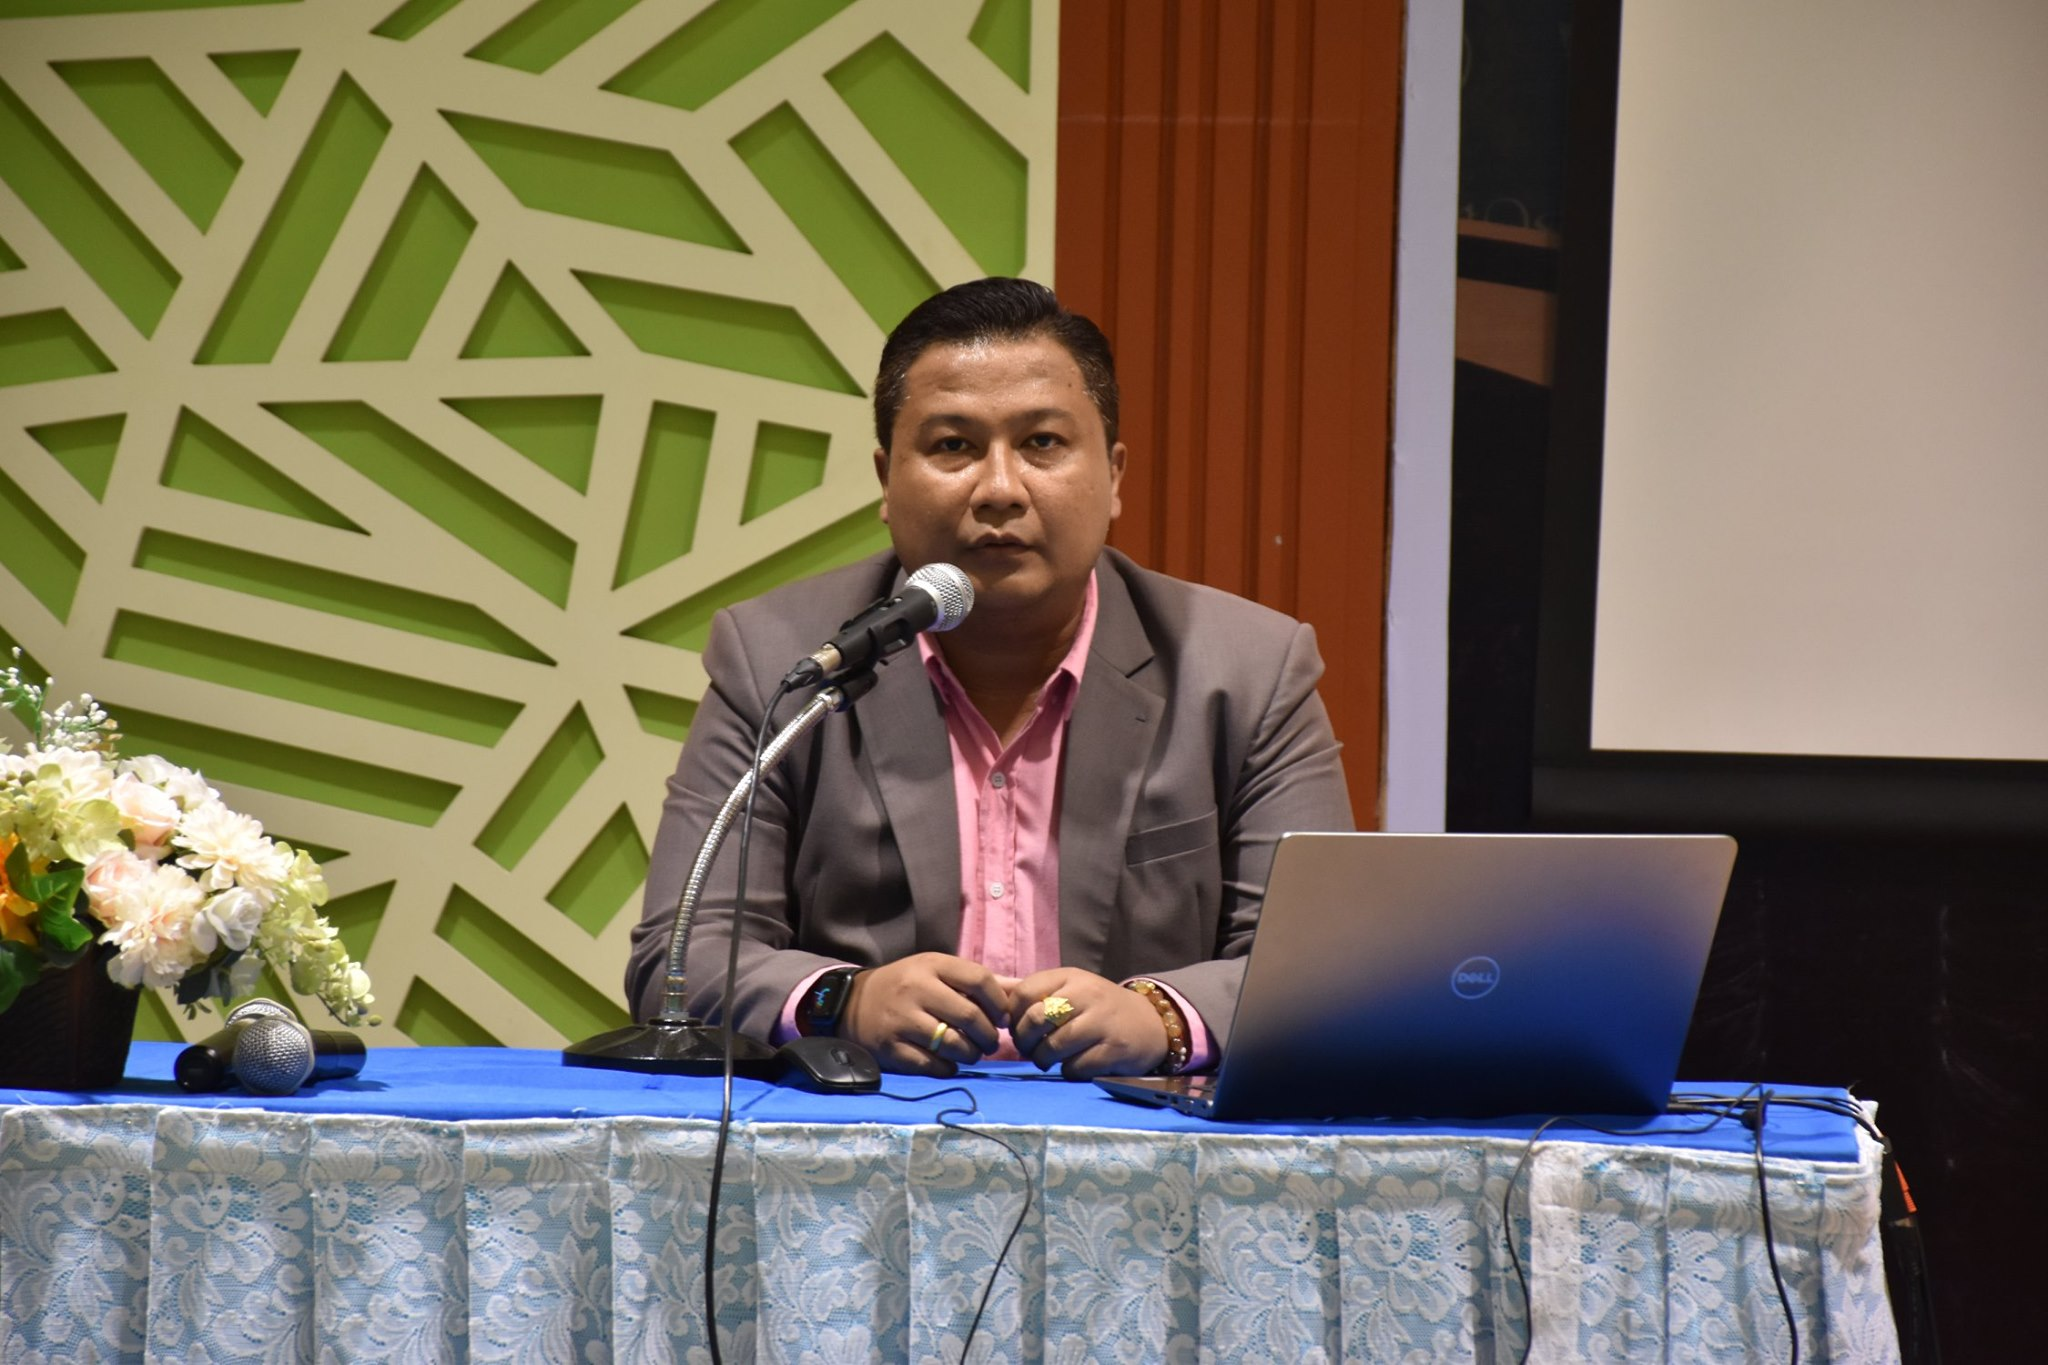 ประชุมคณาจารย์ประจำคณะวิทยาศาสตร์และเทคโนโลยี ครั้งที่ 1/2563